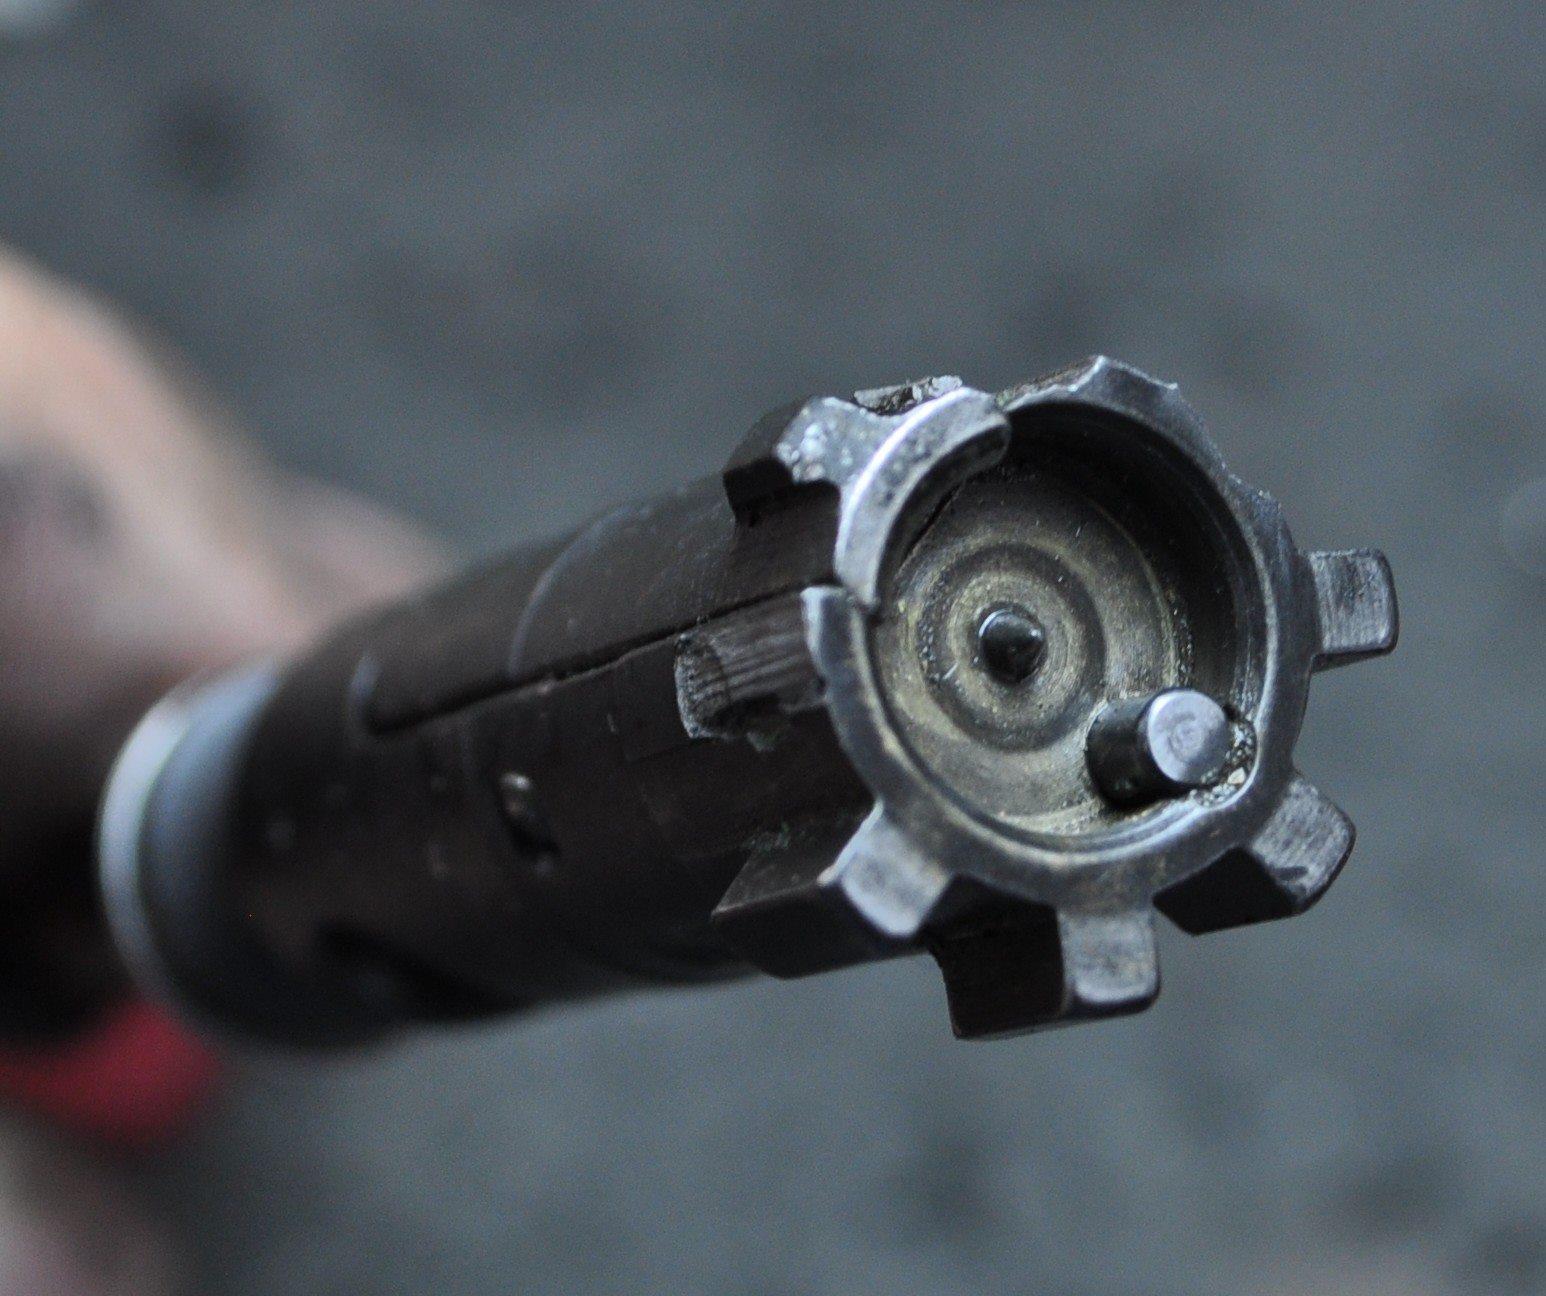 Broken AR15 bolt lugs